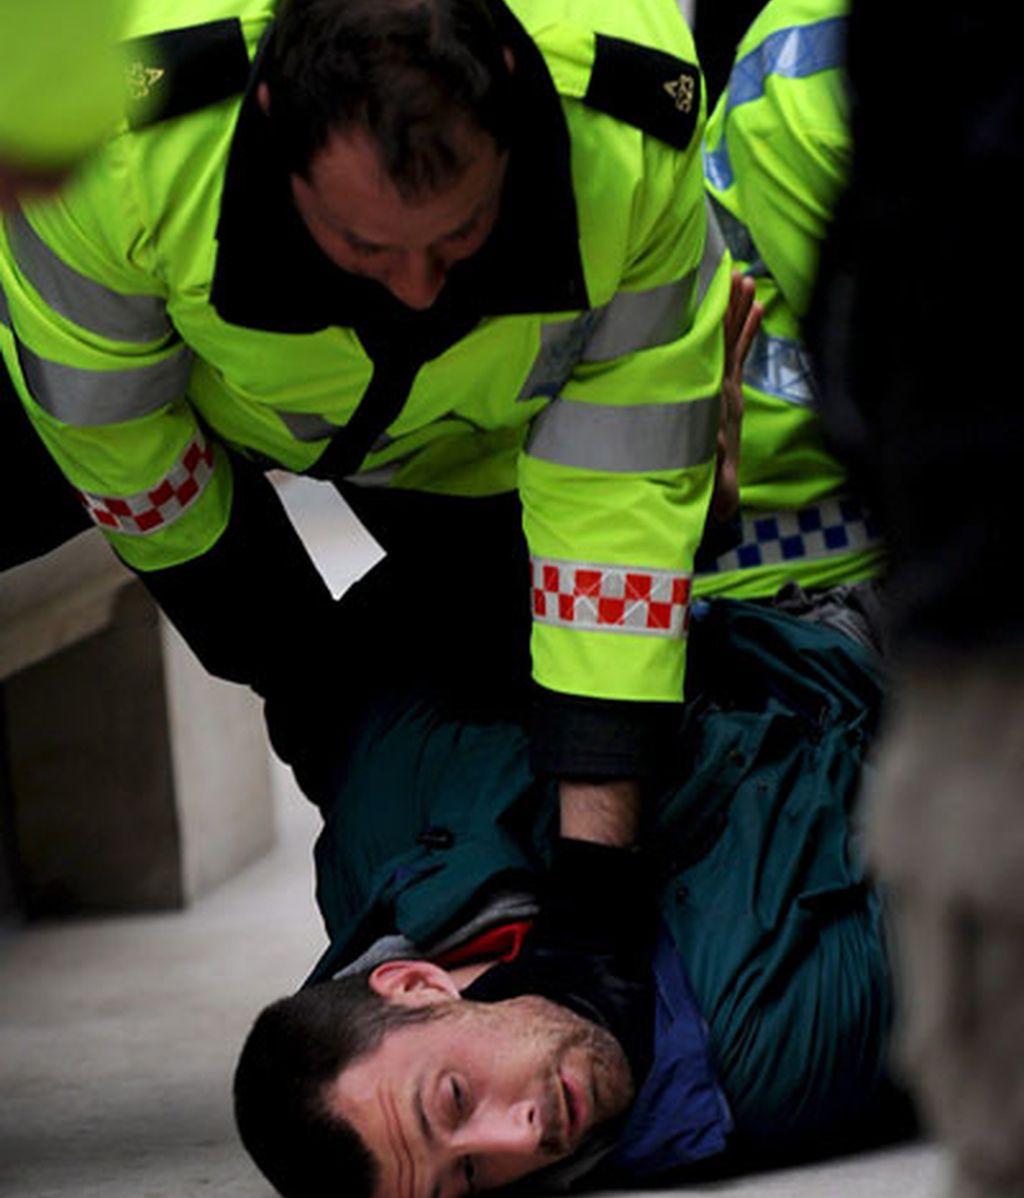 La policia arresta a un manifestante contra el G-20